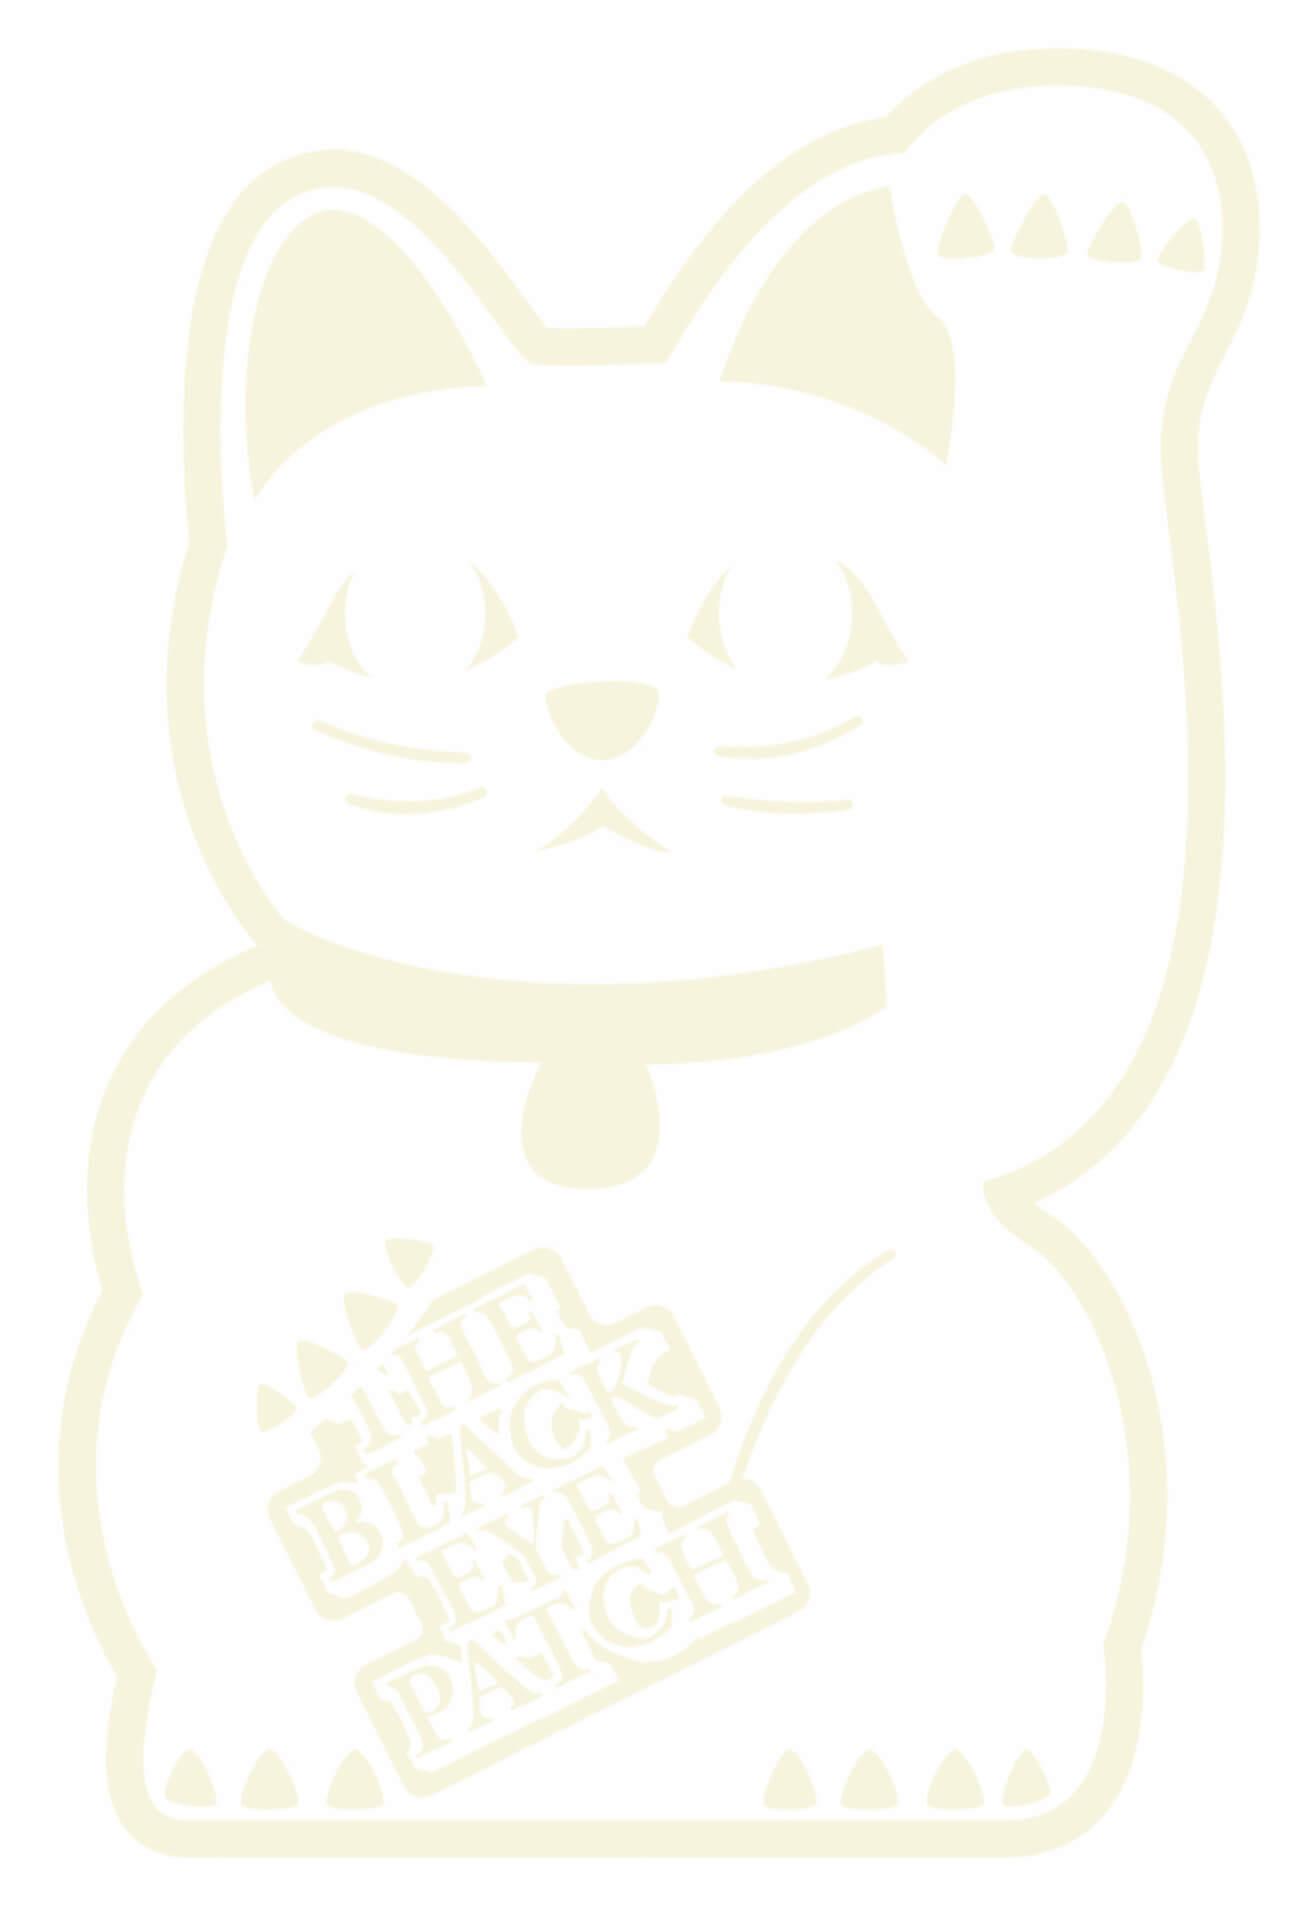 幸福を呼ぶG-SHOCK「MANEKINEKO」が誕生|BlackEyePatchデザインによる招き猫のイラストも life200122_gshock_bep_11